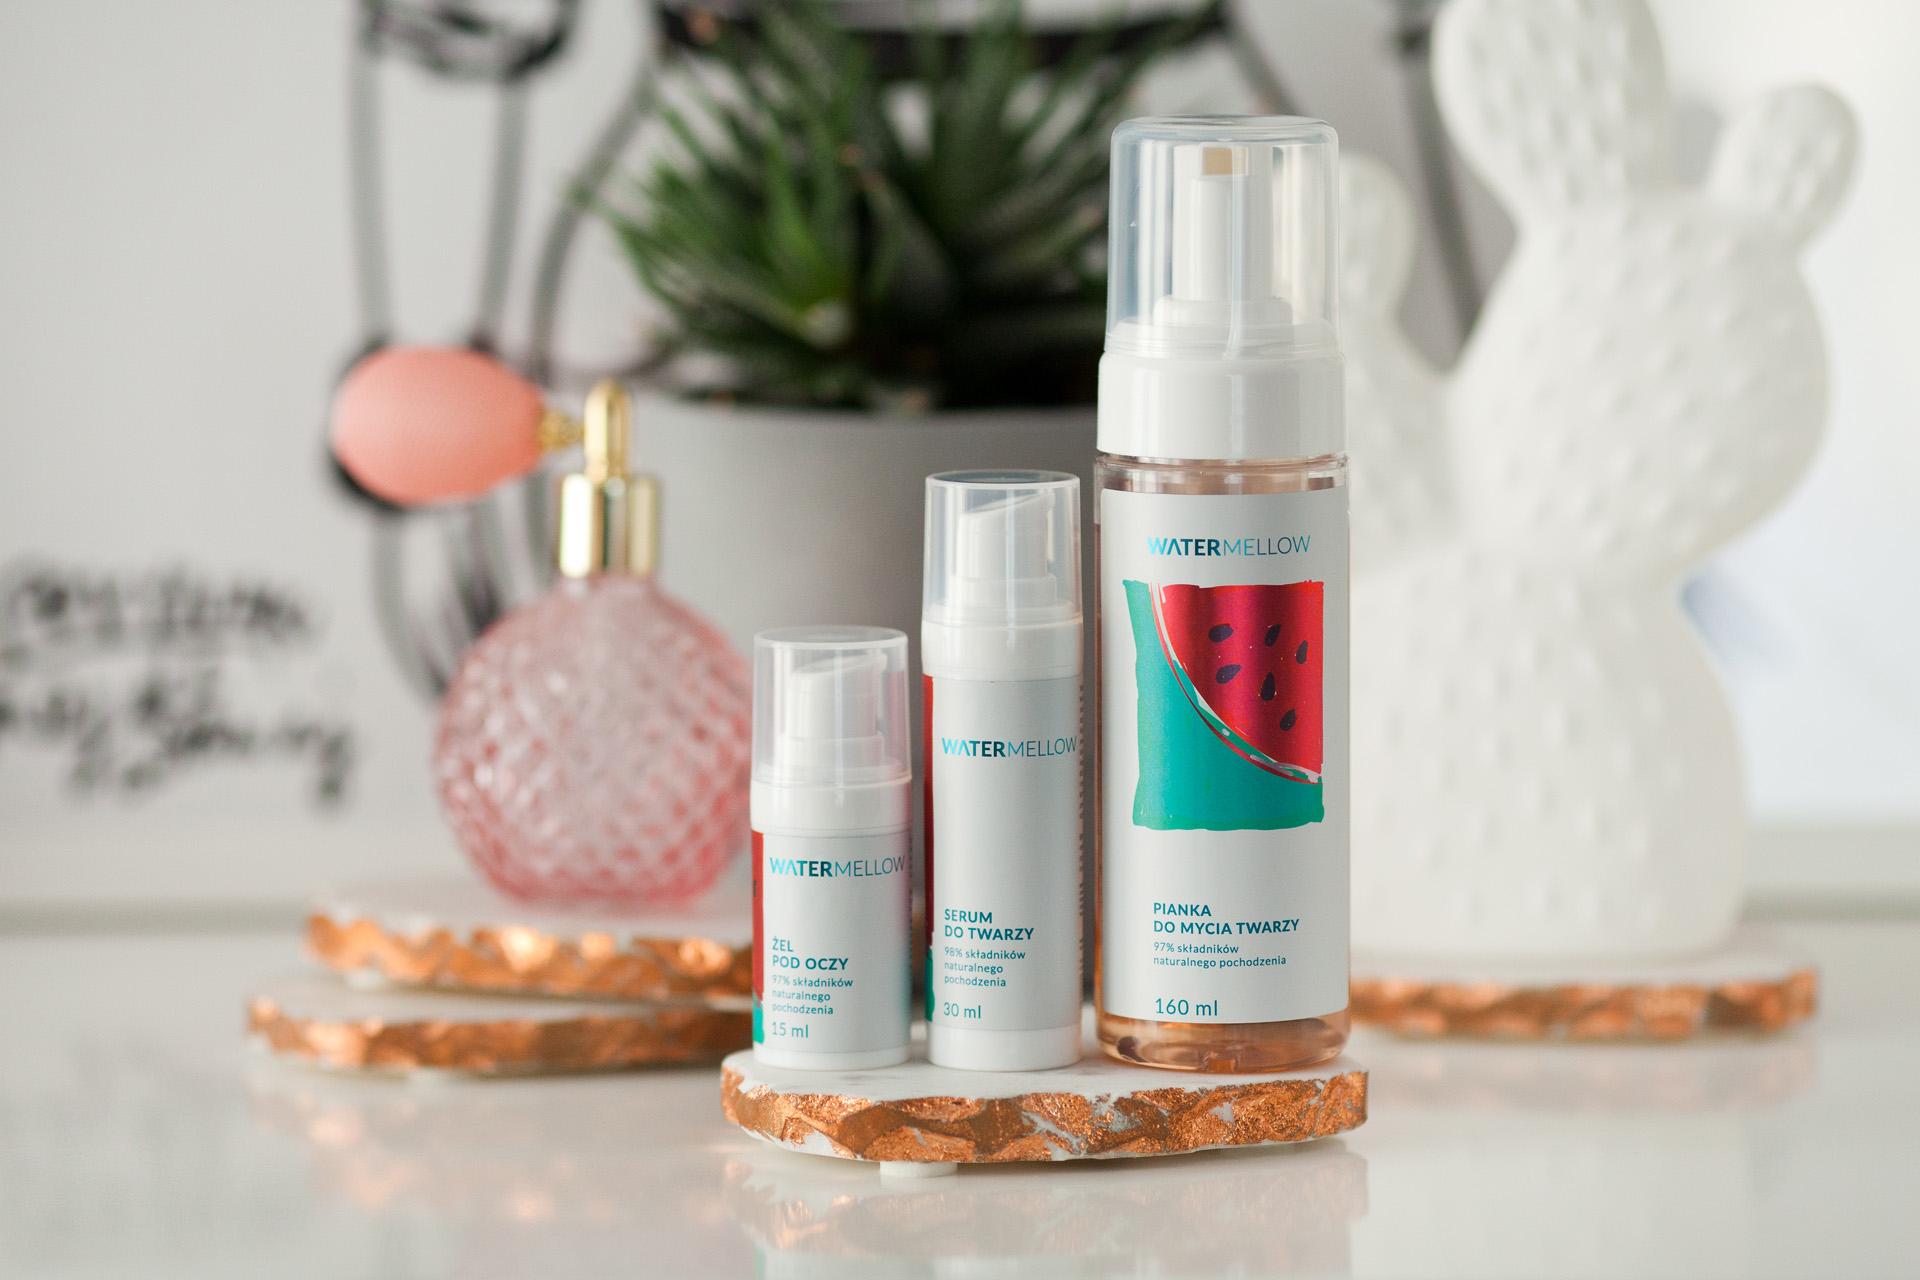 kontigo watermellow kosmetyki naturalne